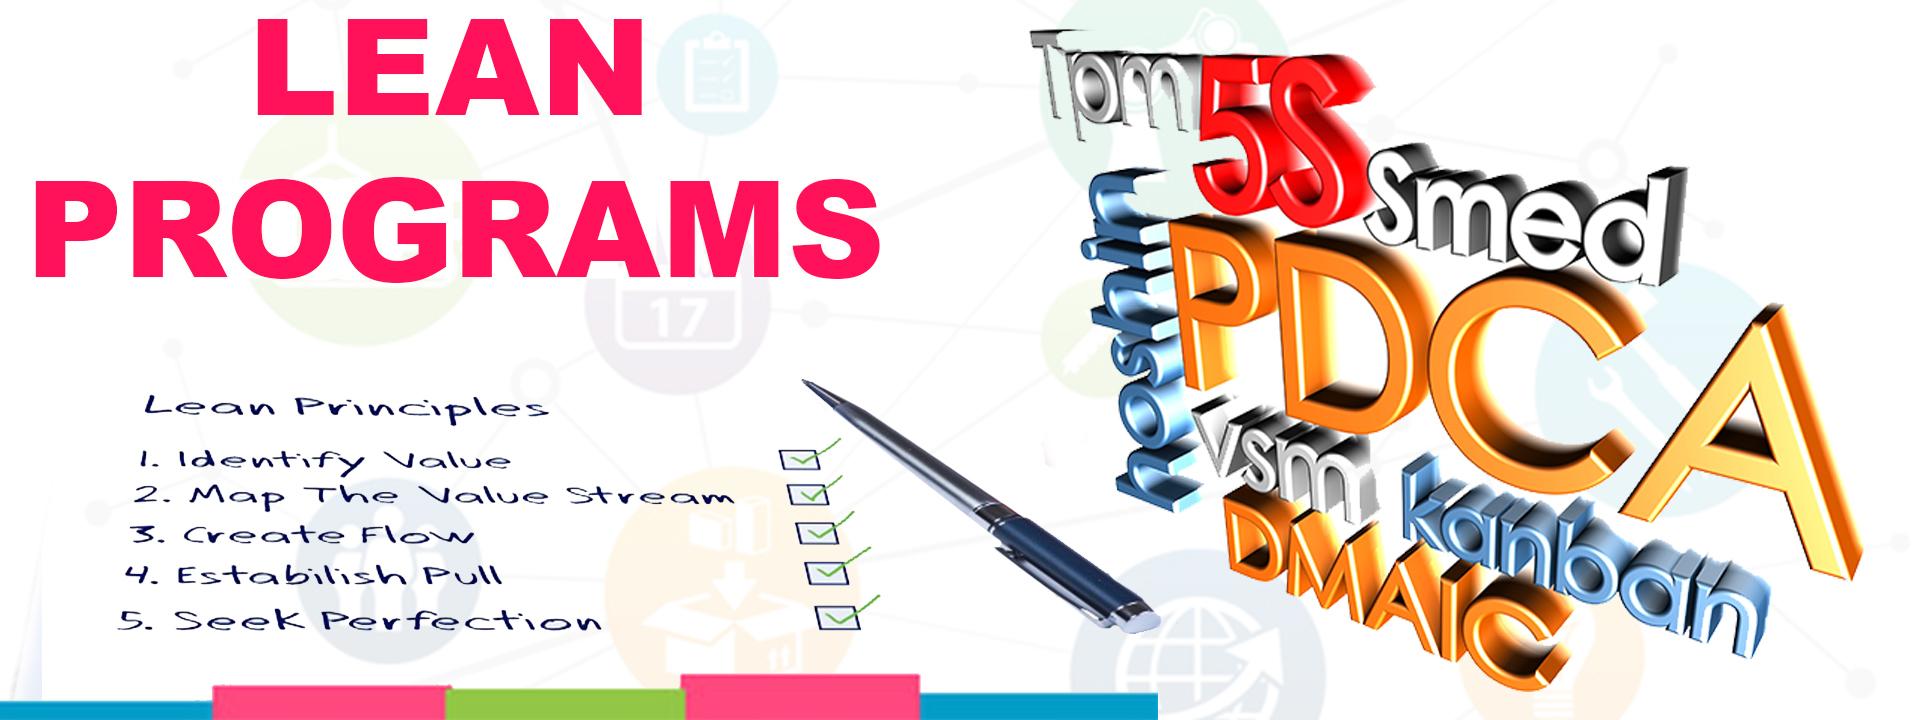 Lean Programs